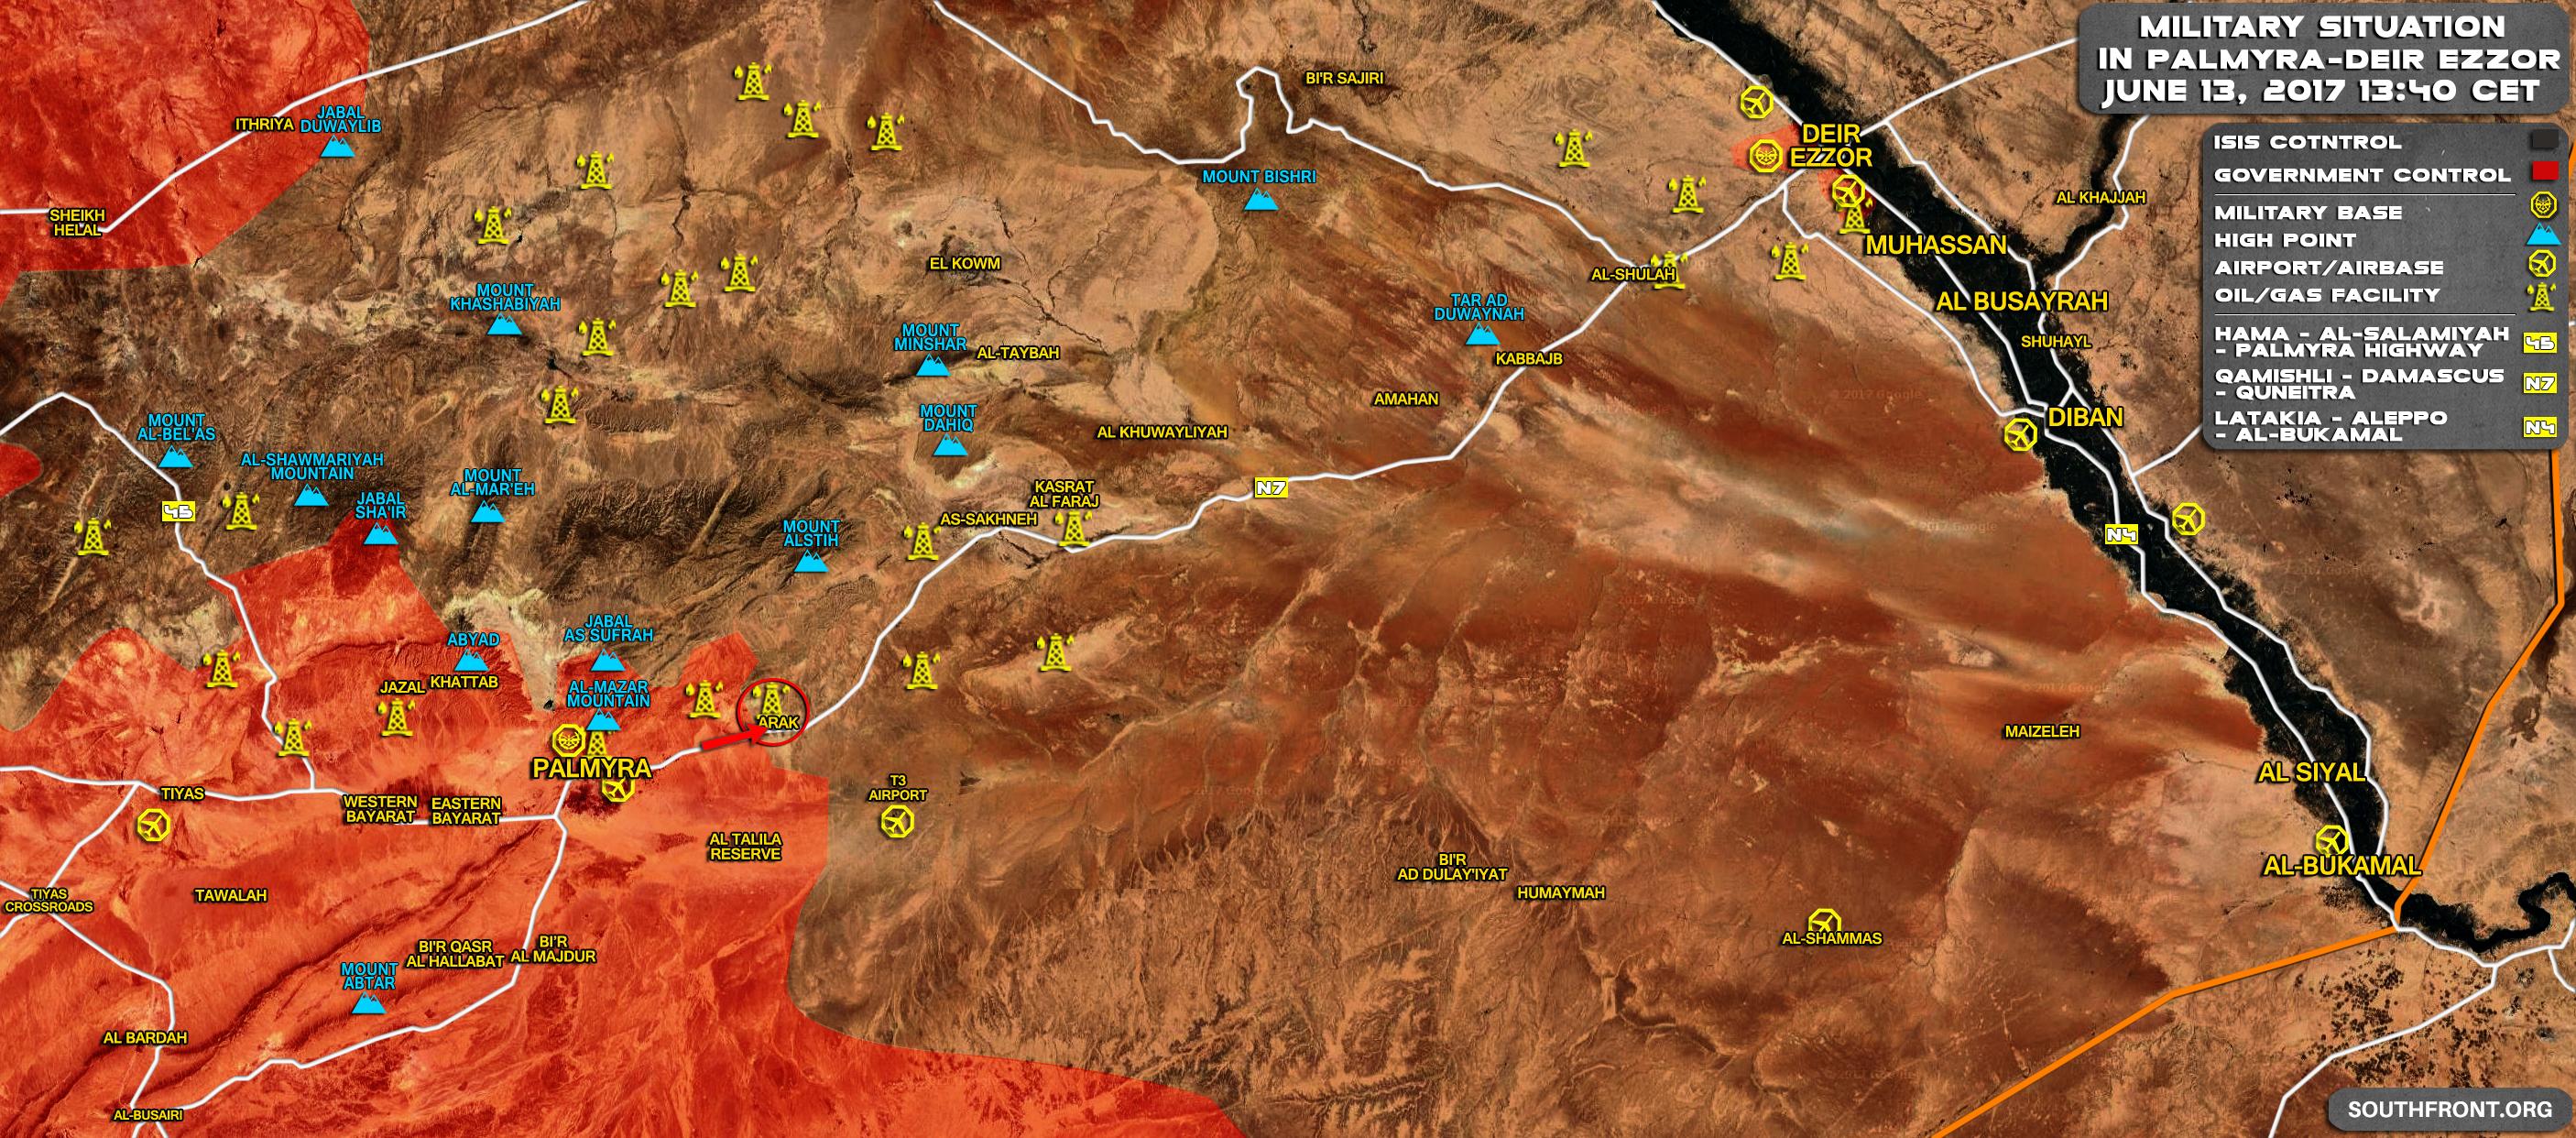 [BIZTPOL] Szíria és Irak - 6. - Page 5 13jun_Palmyra_Deir_Ezzor_Syria_War_Map